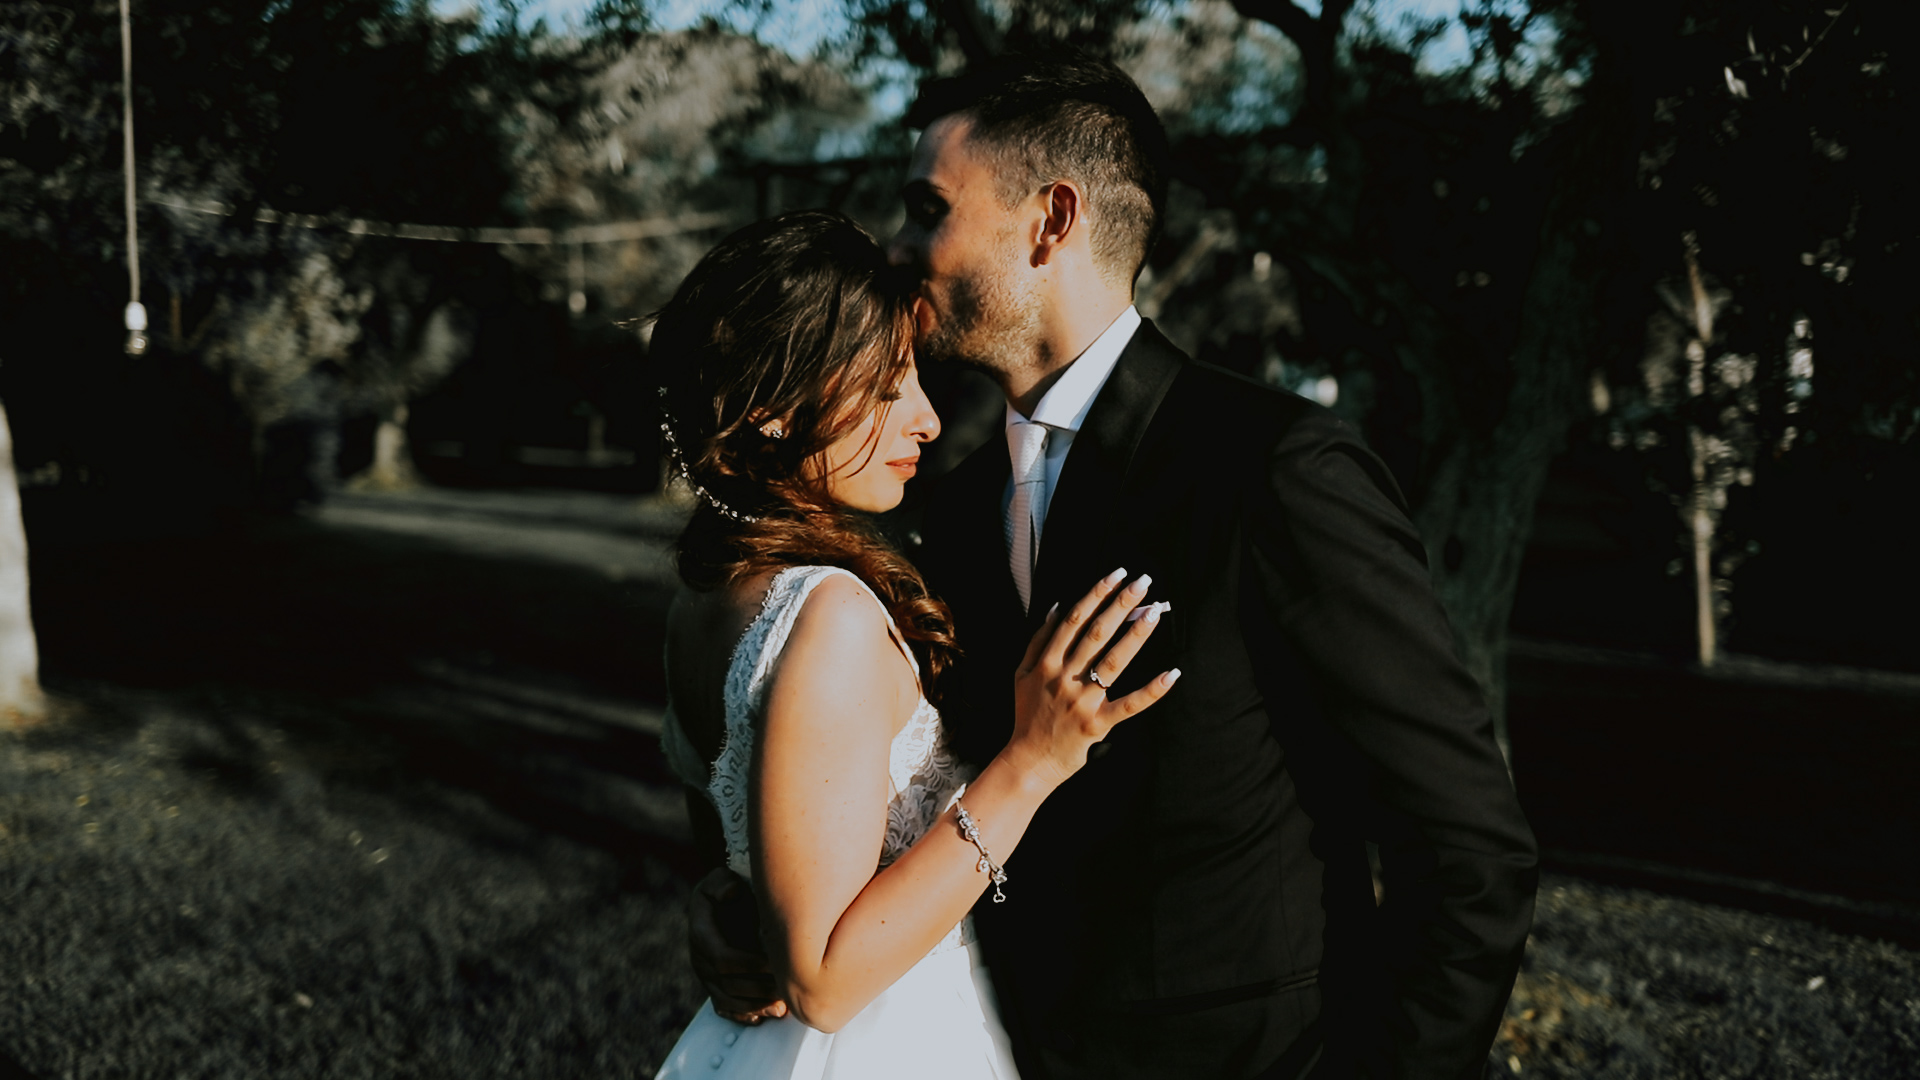 CARD0390.00_00_01_13.Immagine002 Matrimonio a Tenuta Pinto